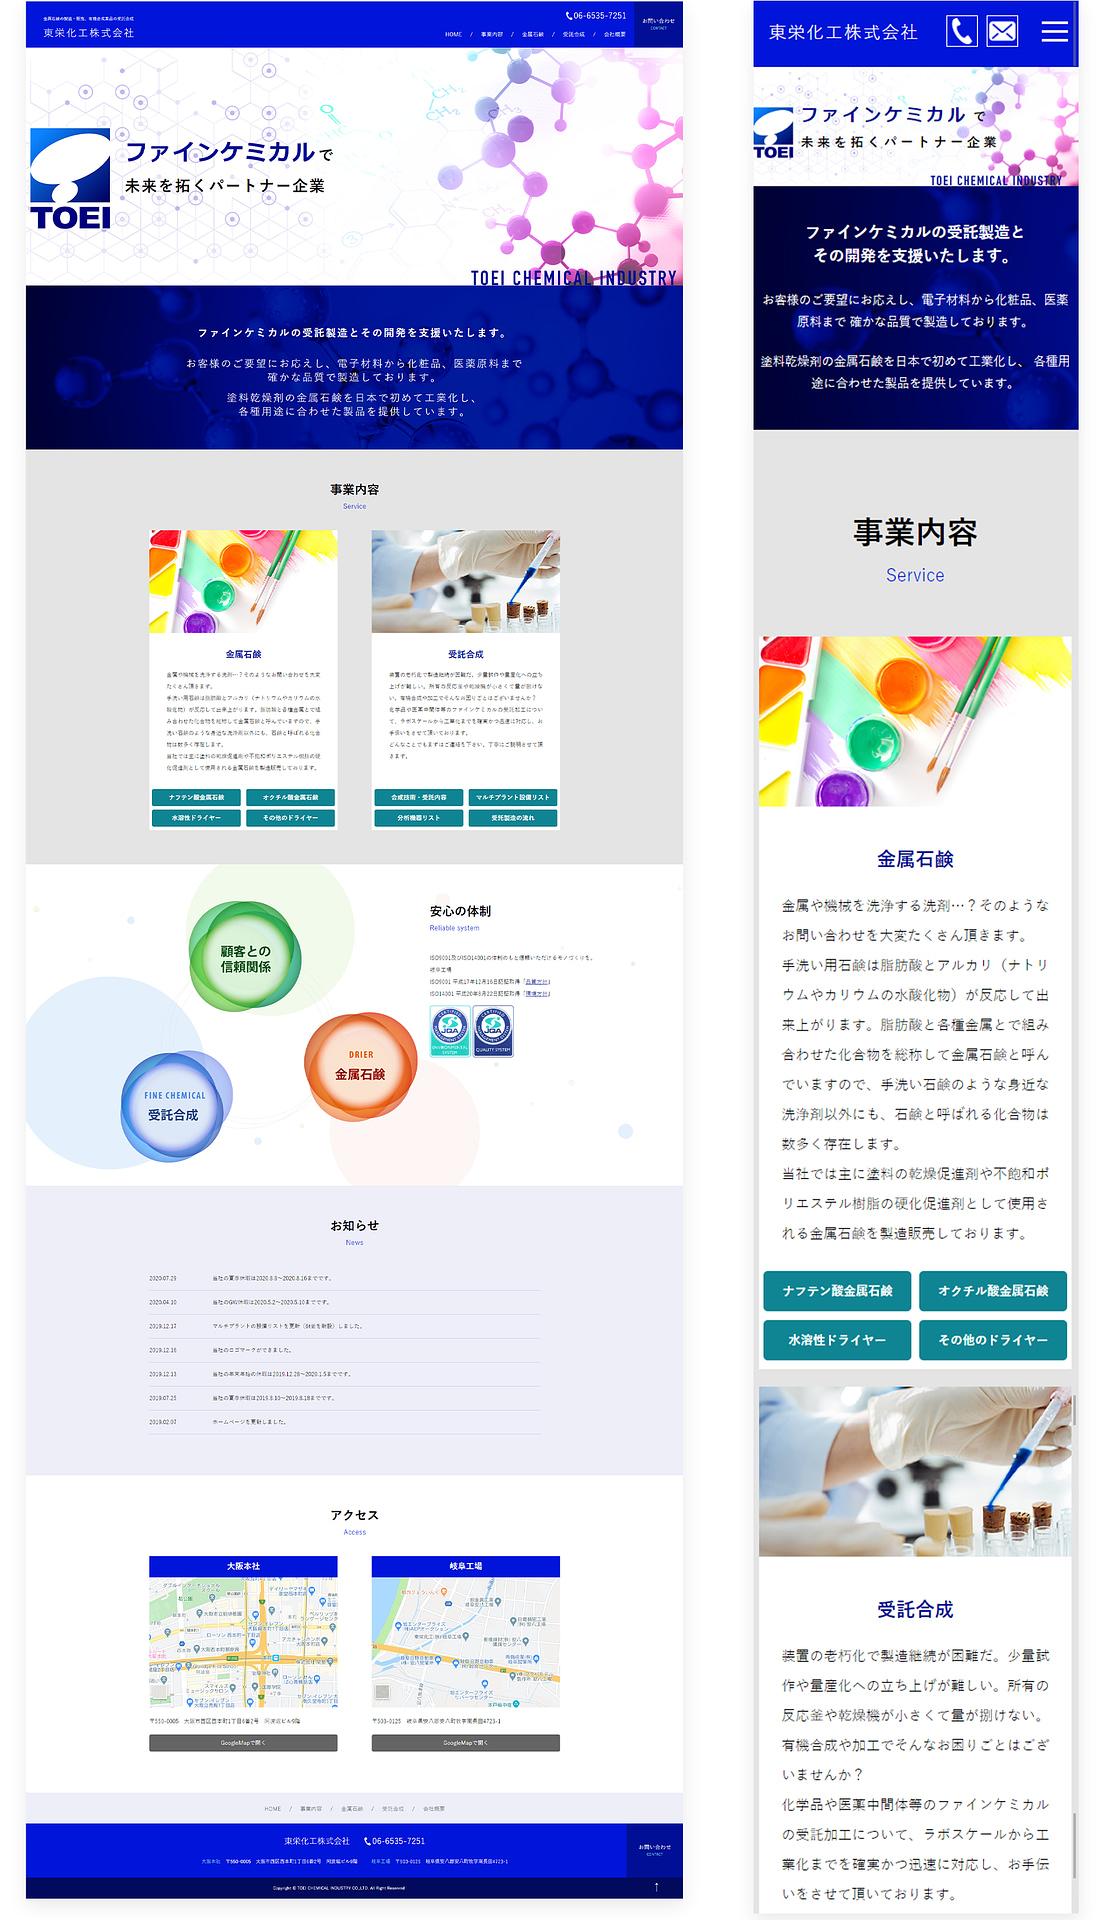 東栄化工株式会社様